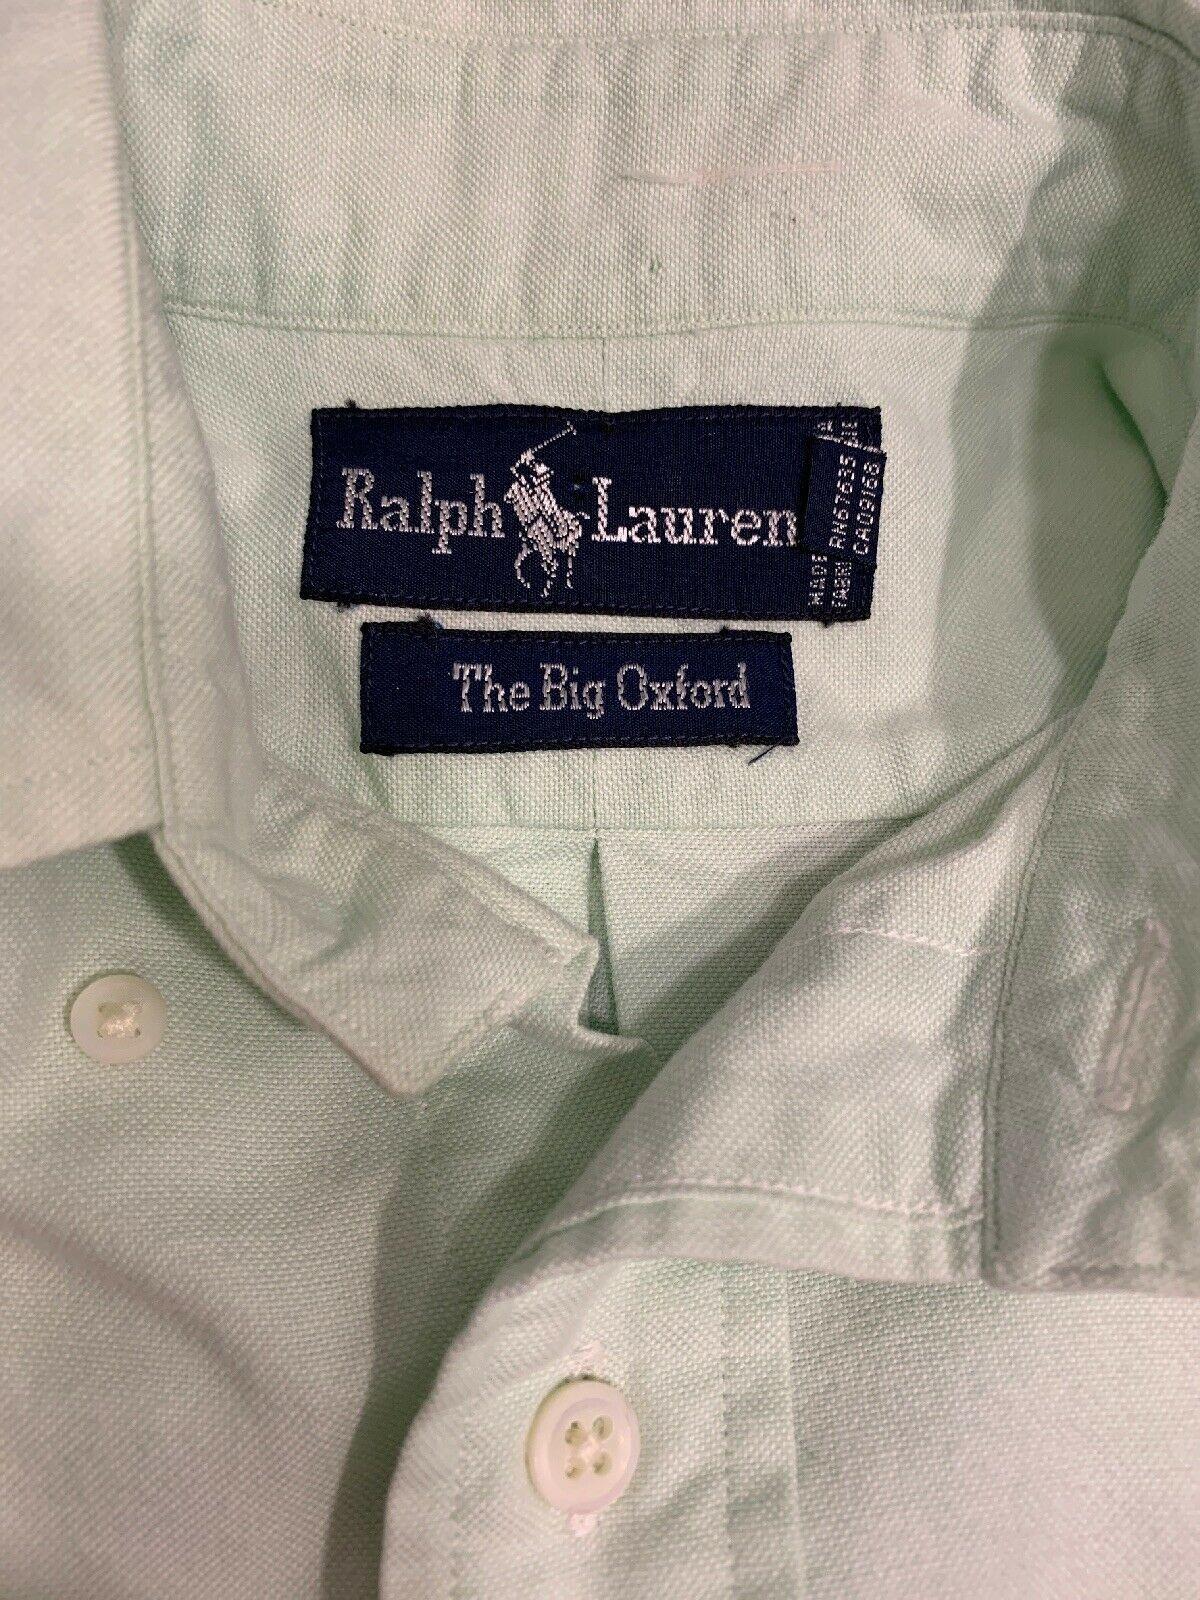 Ralph Lauren The Big Oxford Pulsante Anteriore Verde Lime Uomo Camicia Taglia 4